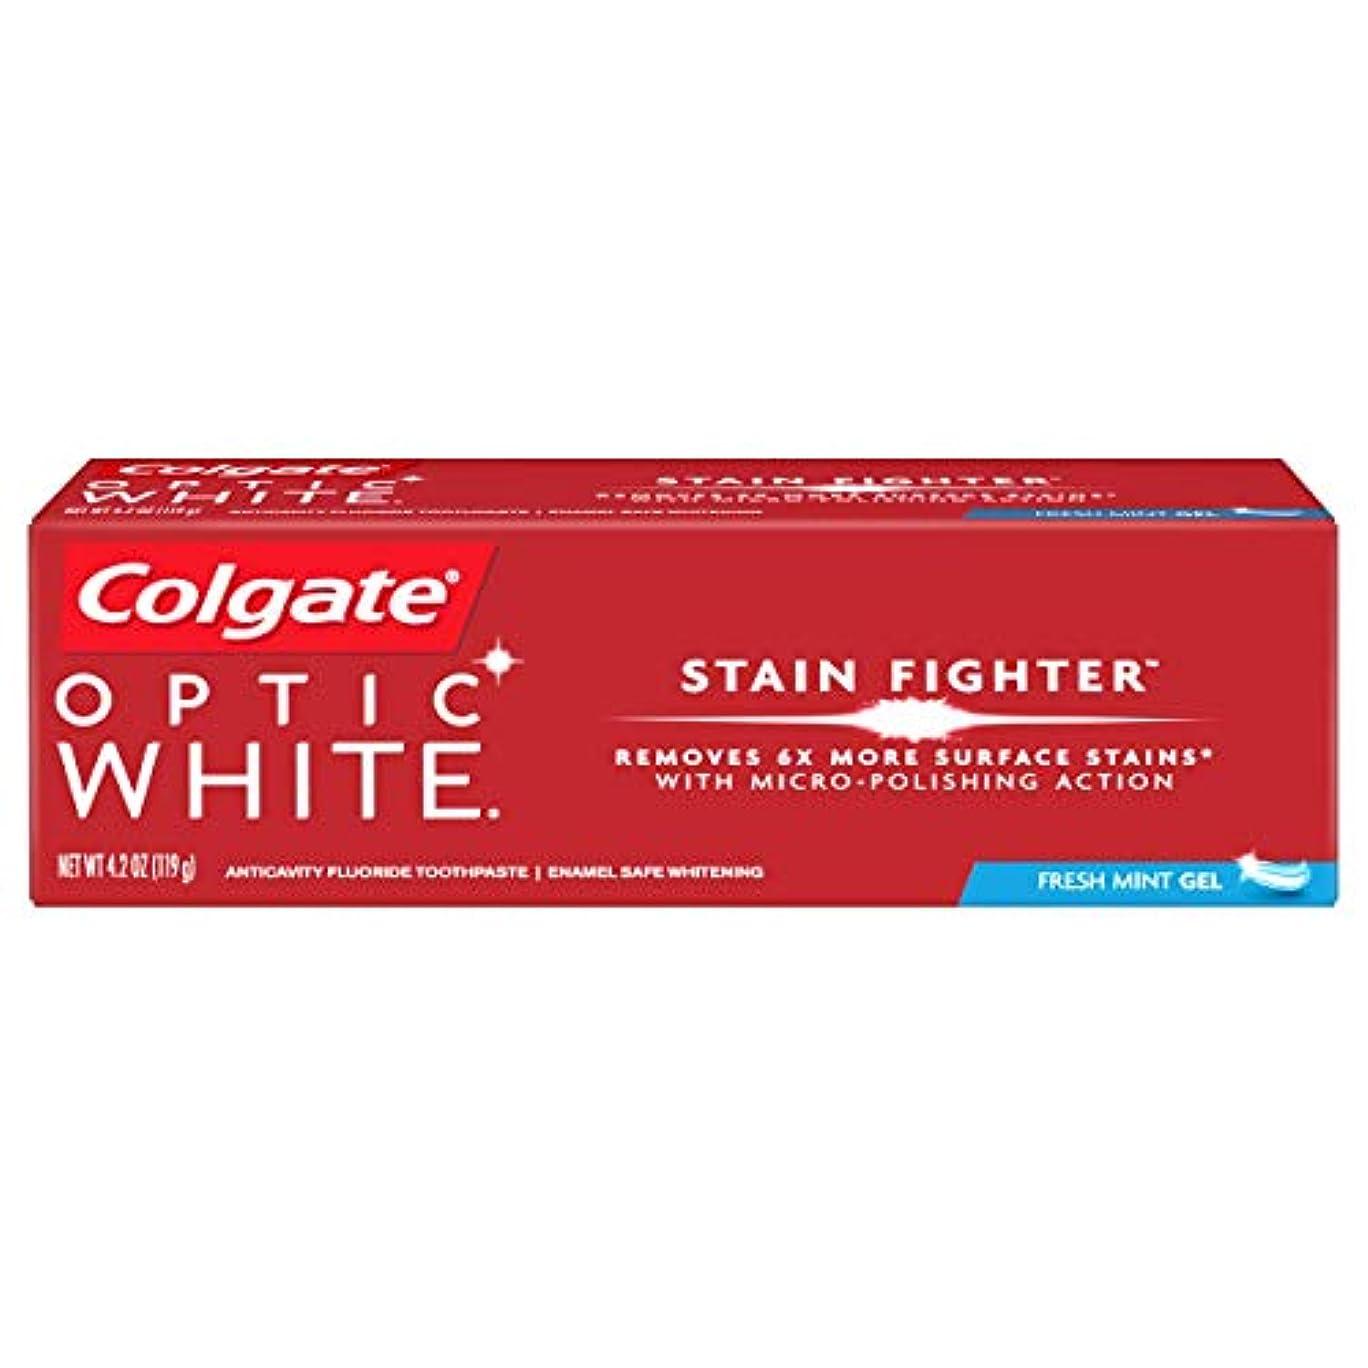 コークスダーリン旅行者コルゲート ホワイトニング Colgate 119g Optic White STAIN FIGHTER 白い歯 歯磨き粉 ミント (Fresh Mint)